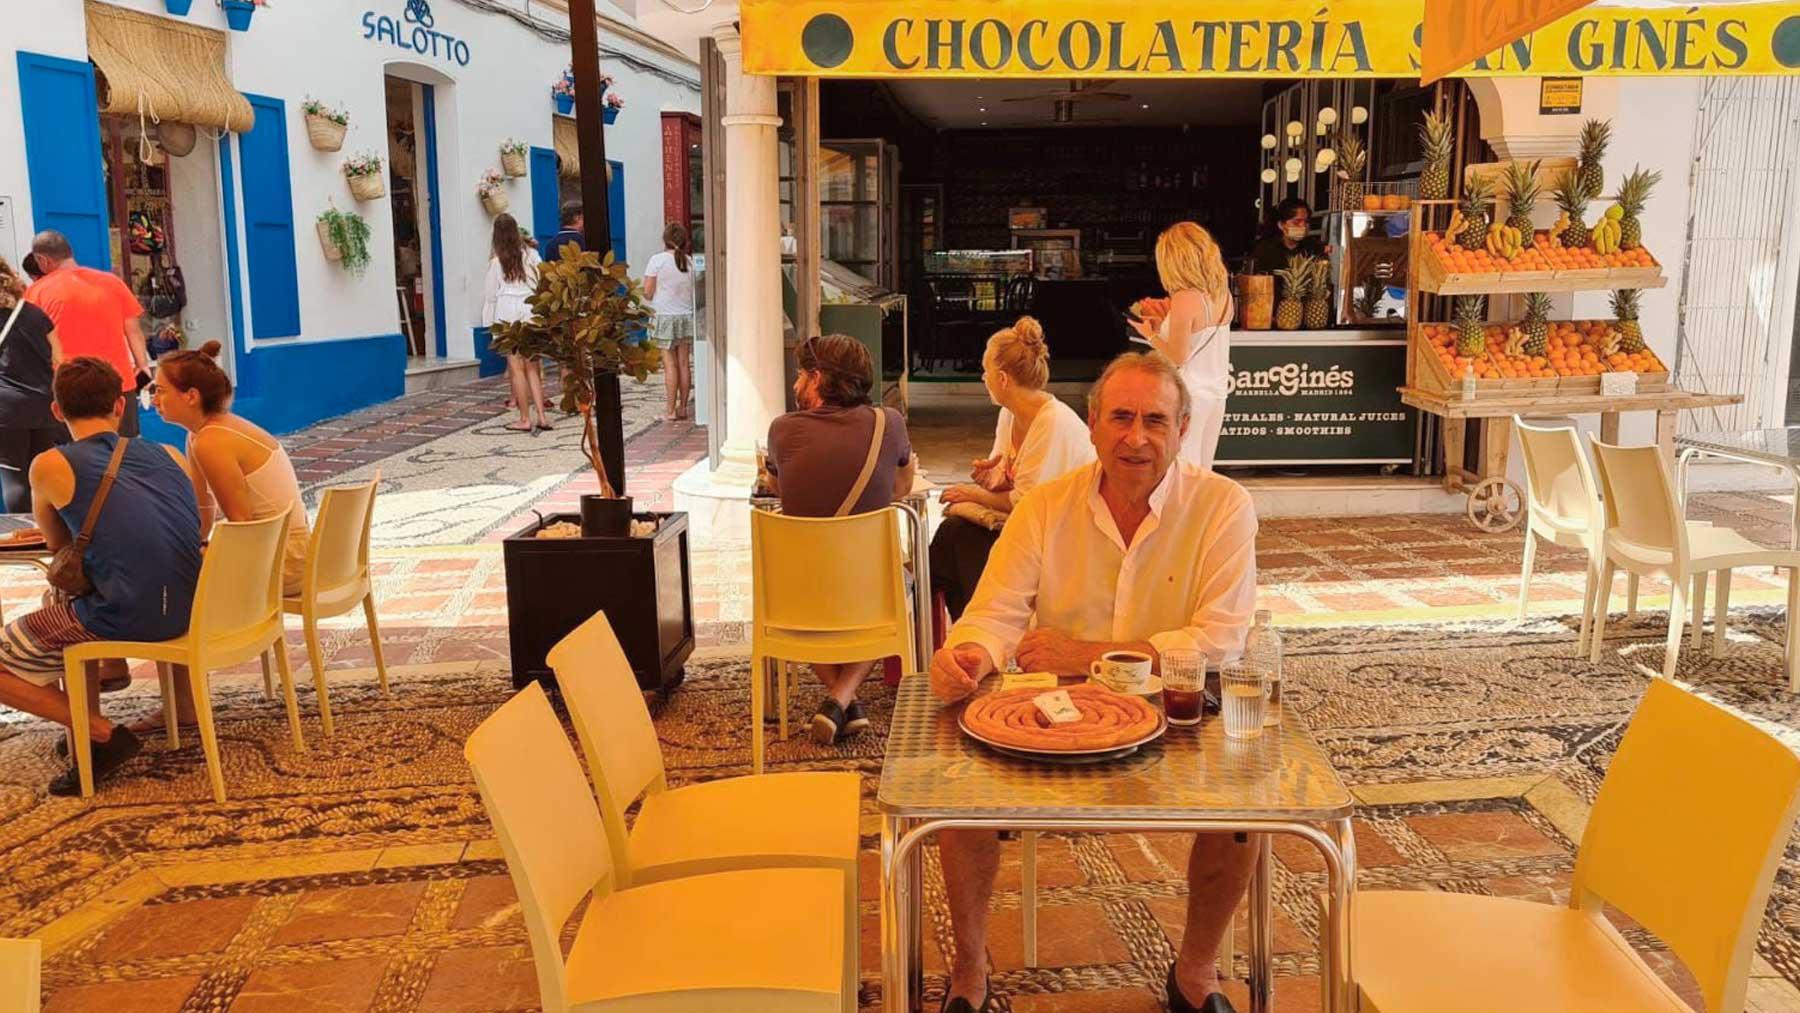 El dueño de la churrería madrileña San Ginés, Pedro Trapote, en la nueva tienda abierta en Marbella.